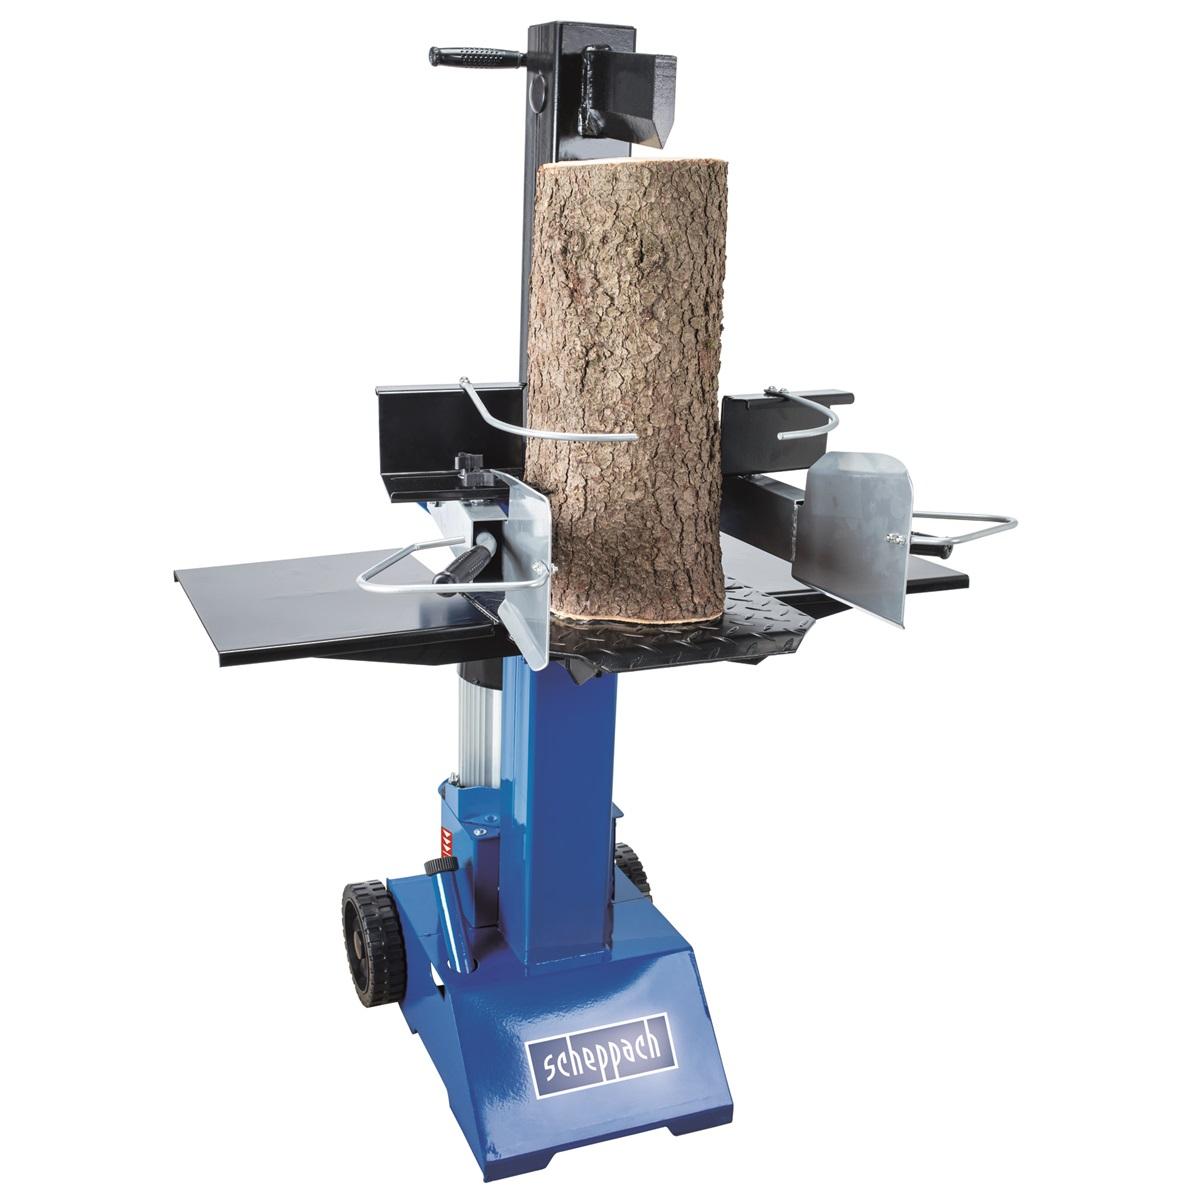 Scheppach HL 810 vertikální štípač na dřevo 8t (400 V) + servis EXTRA